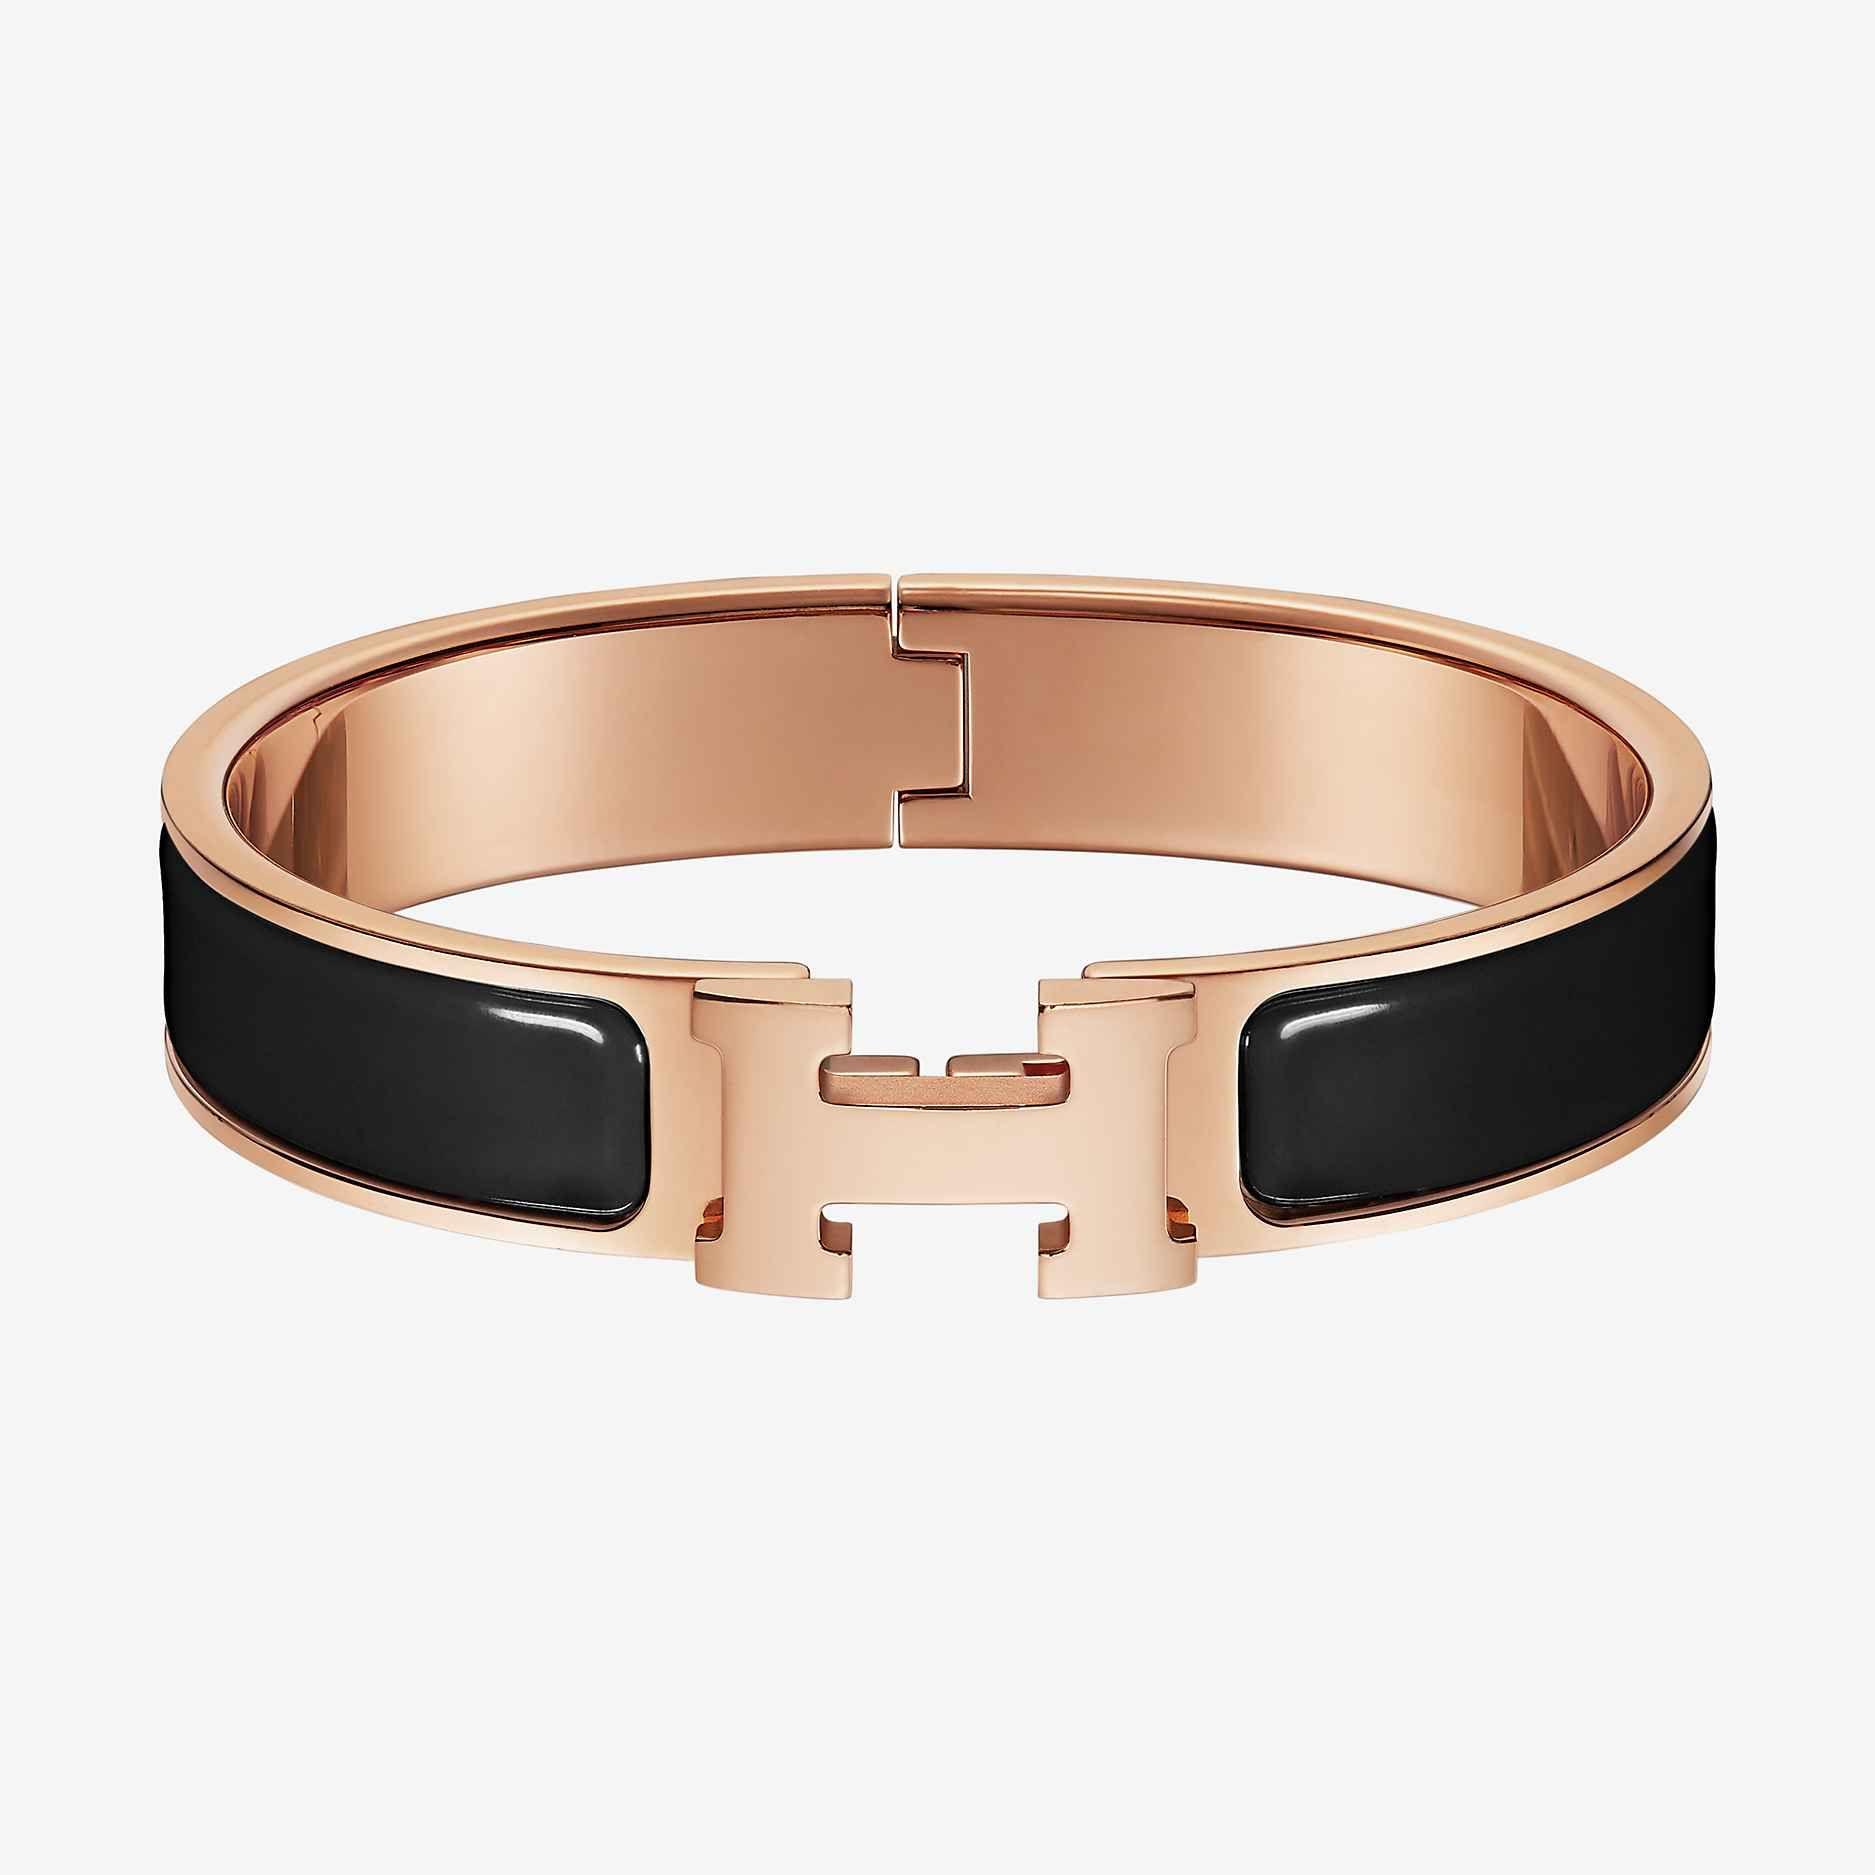 Clic h bracelet style pinterest bracelets hardware and rose